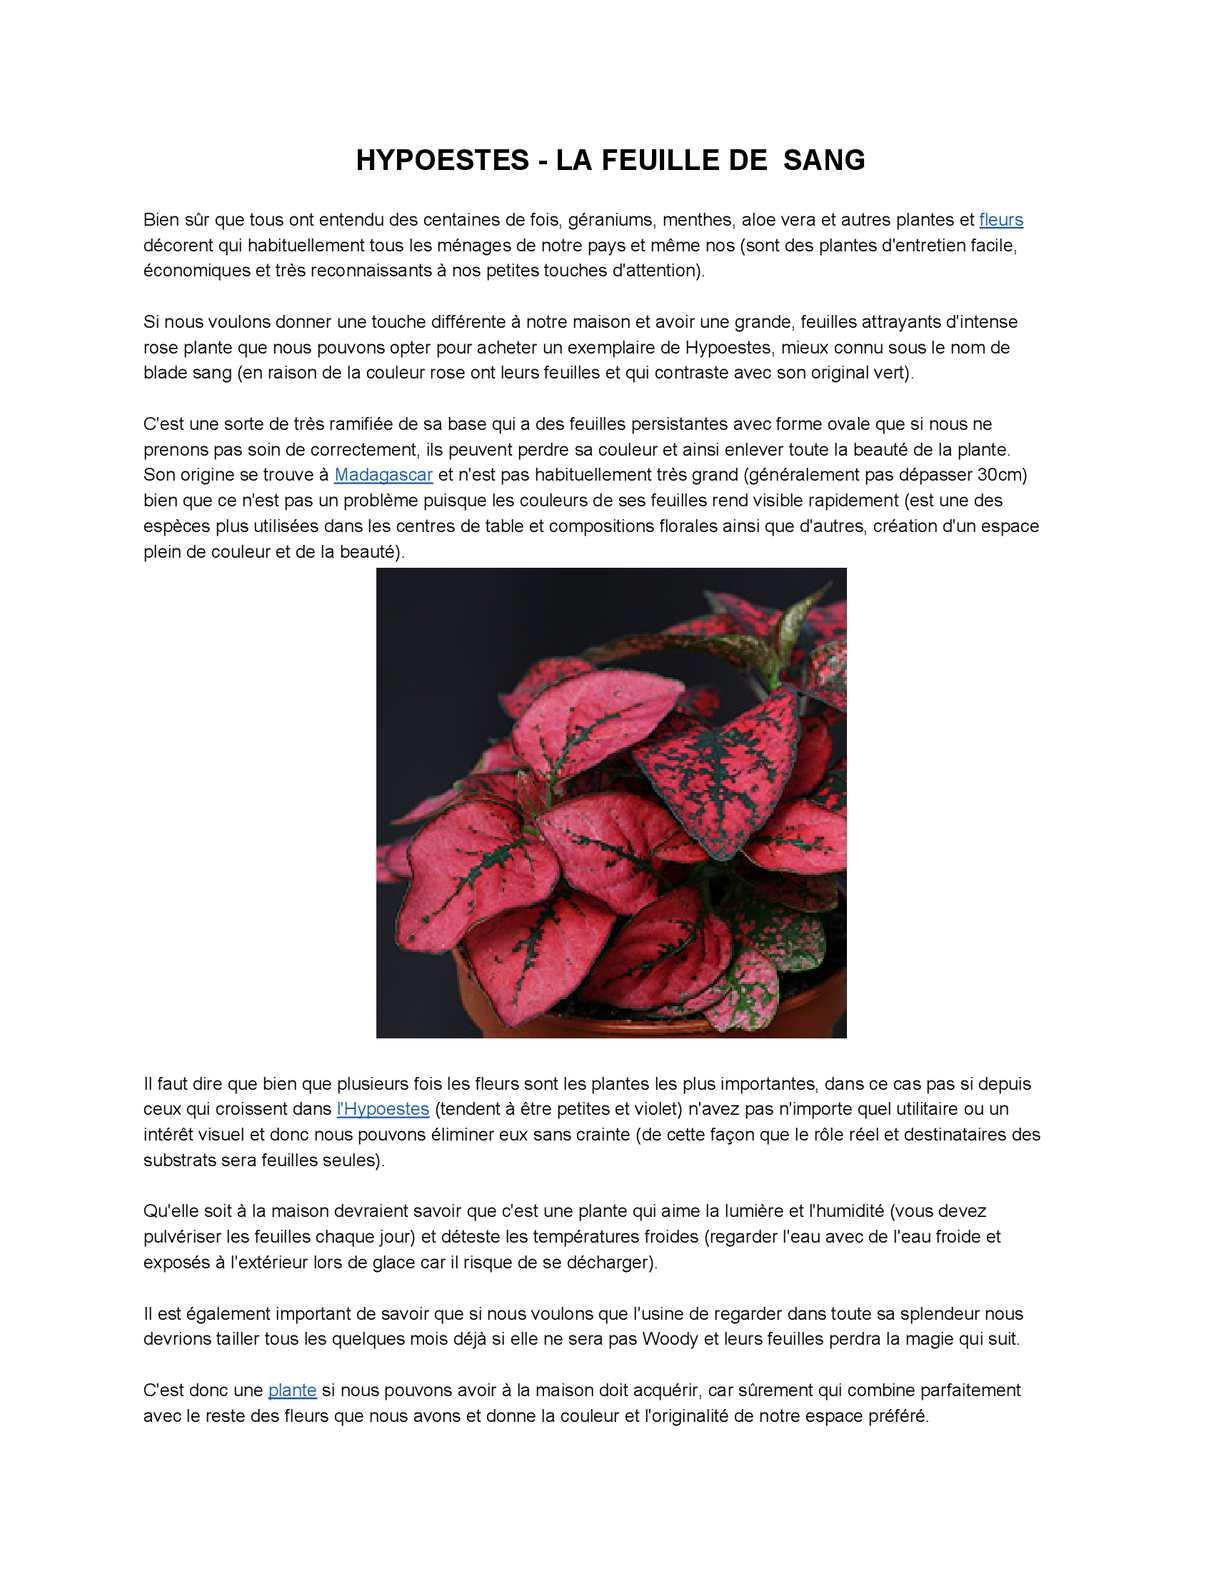 Plante Exterieur Qui Aime L Eau calaméo - hypoestes-lafeuilledesang